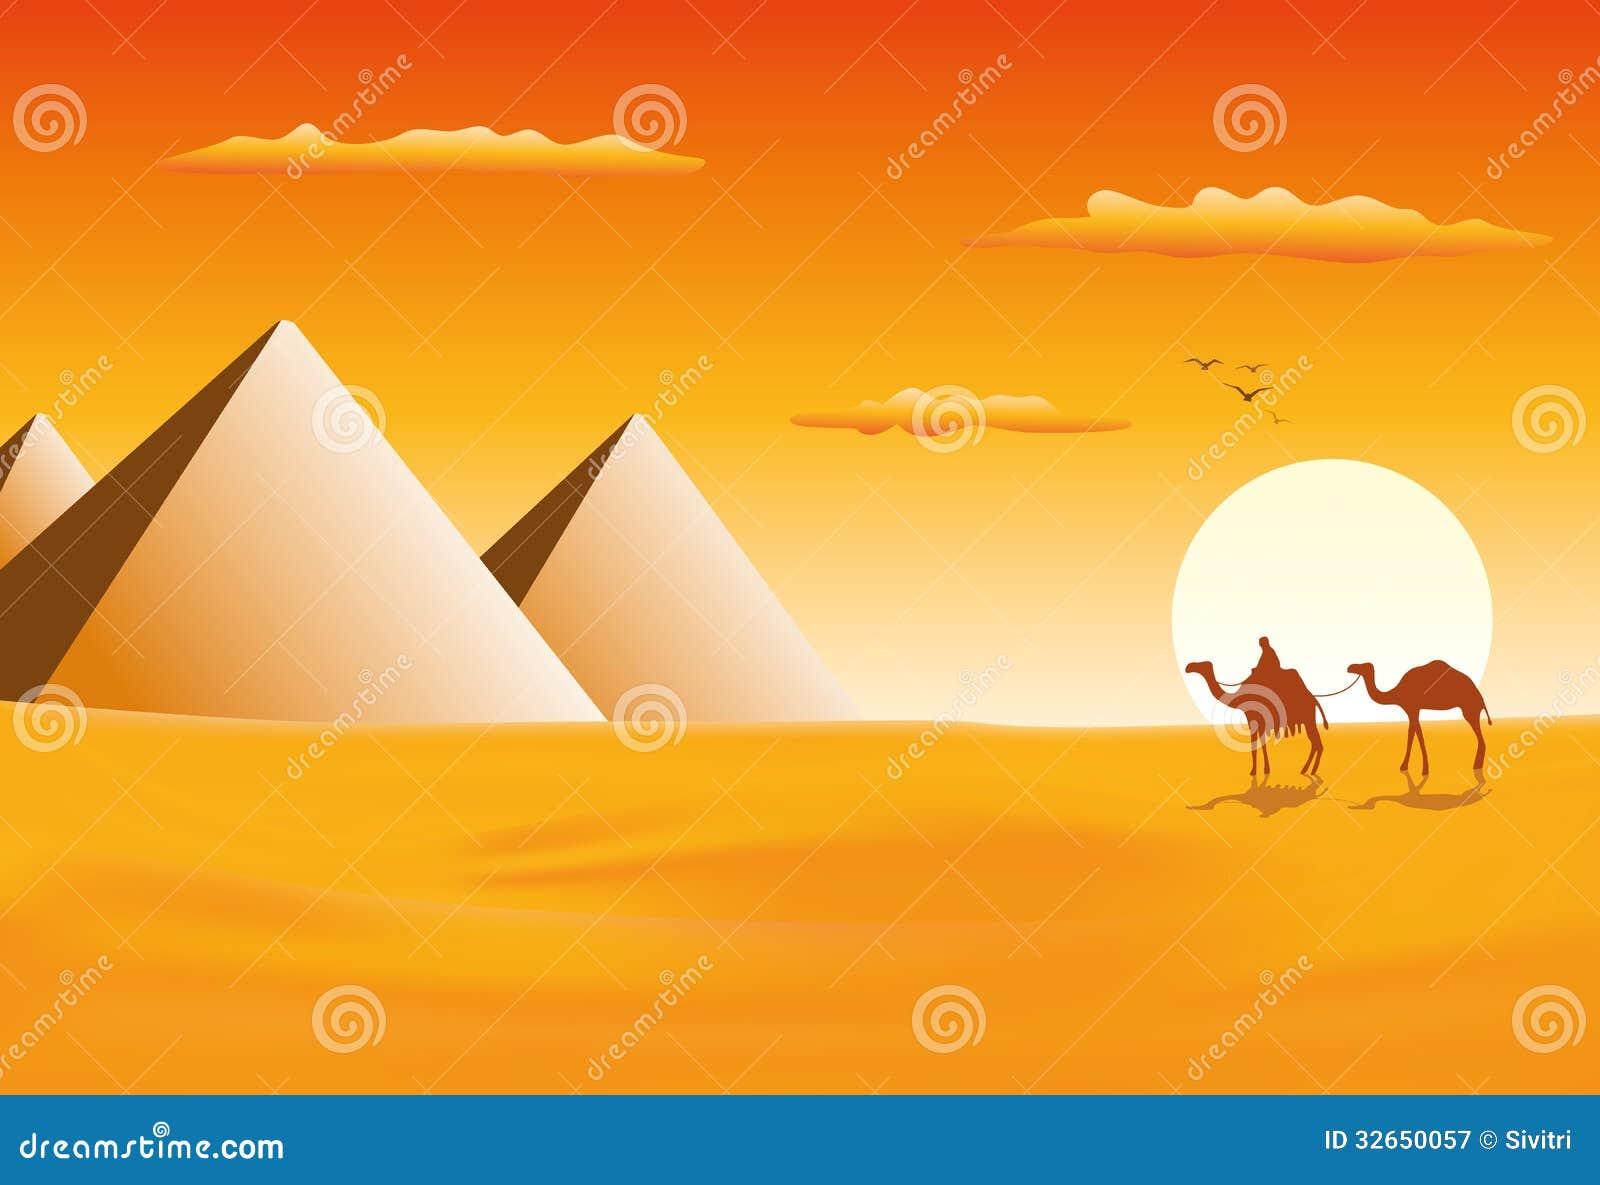 Camel Caravan At The Pyramids Of Giza Royalty Free Stock Photography ...